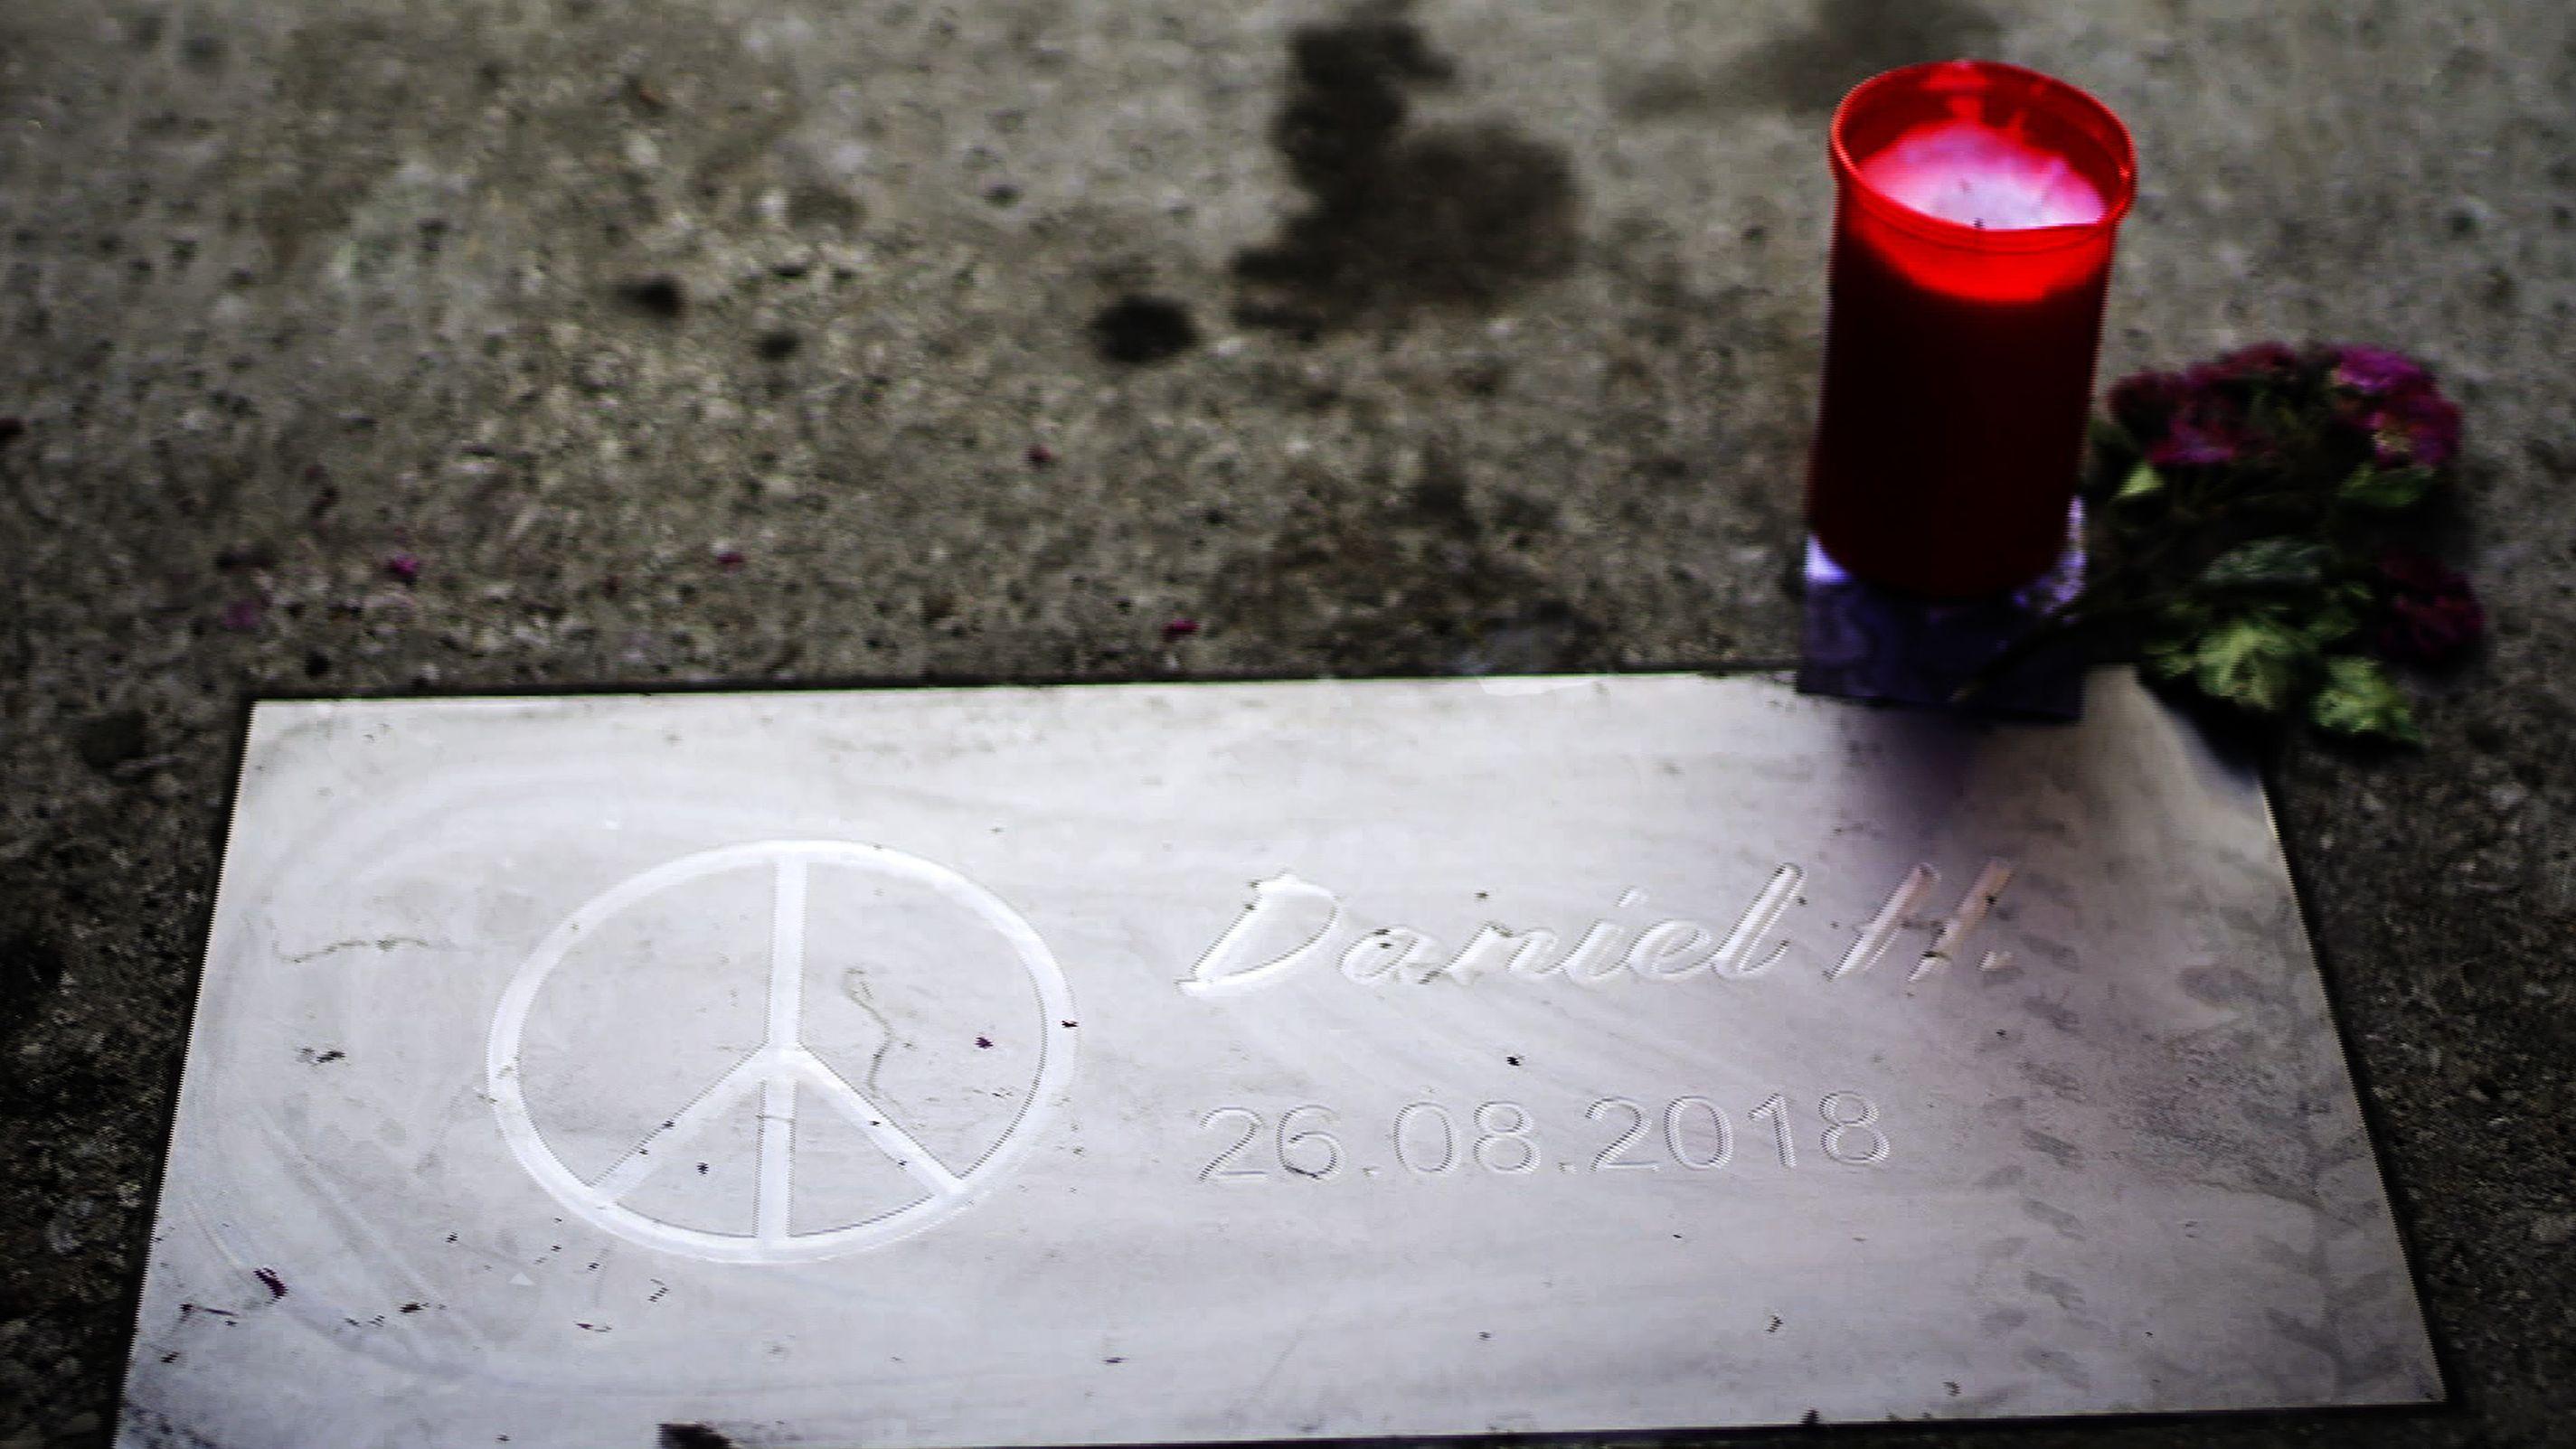 Grabstein von Daniel H., Opfer der Messerstecherei vom 26.8.2018